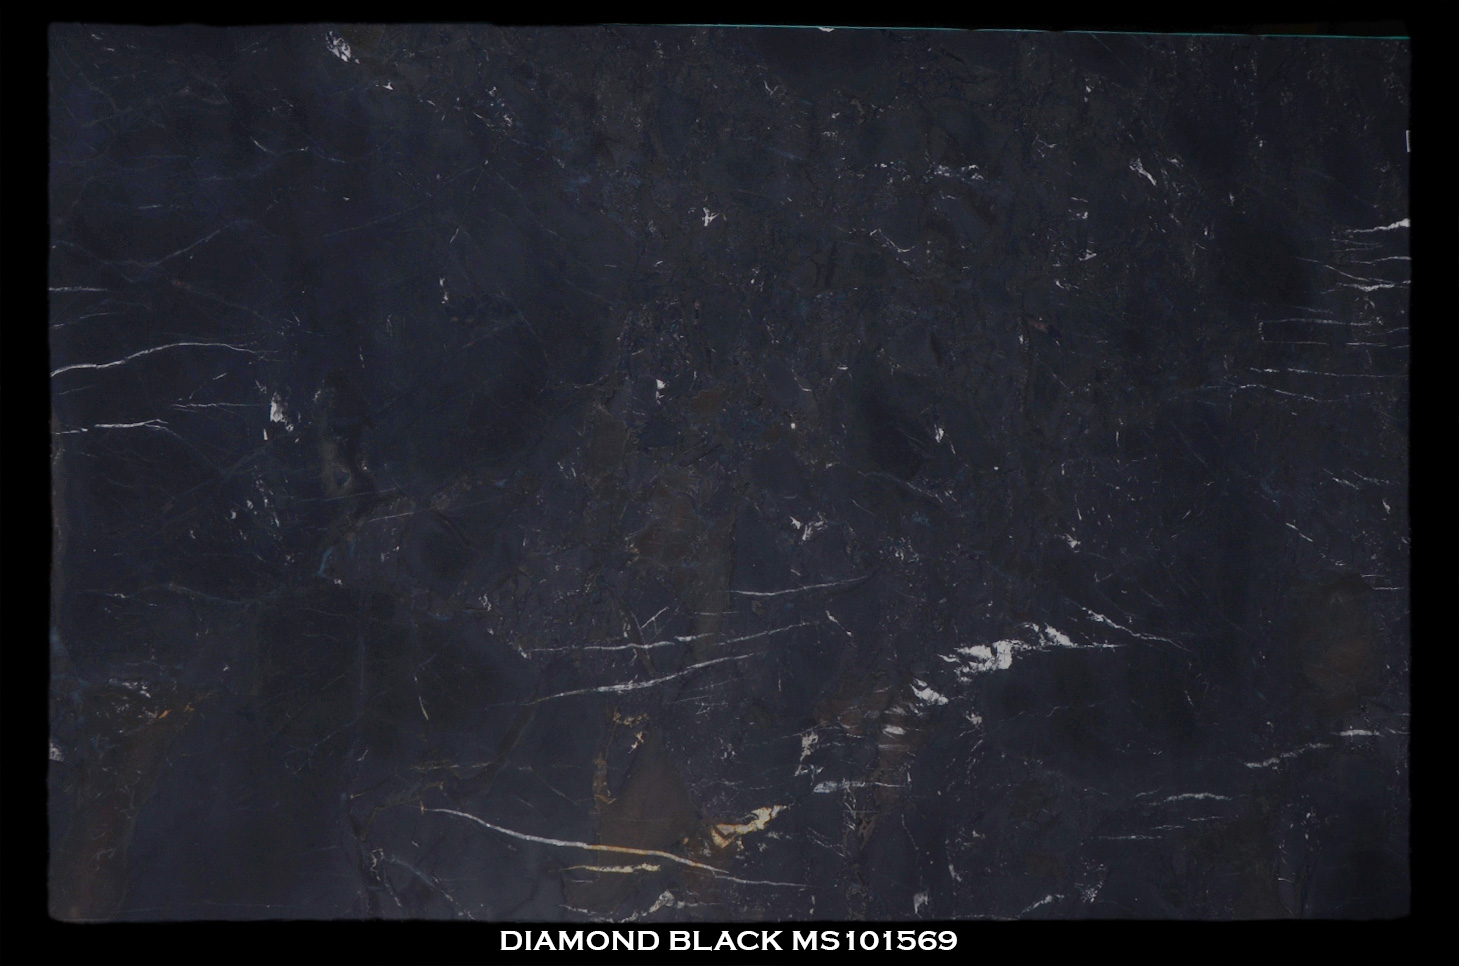 DIAMOND-BLACK-MS101569-SLAB